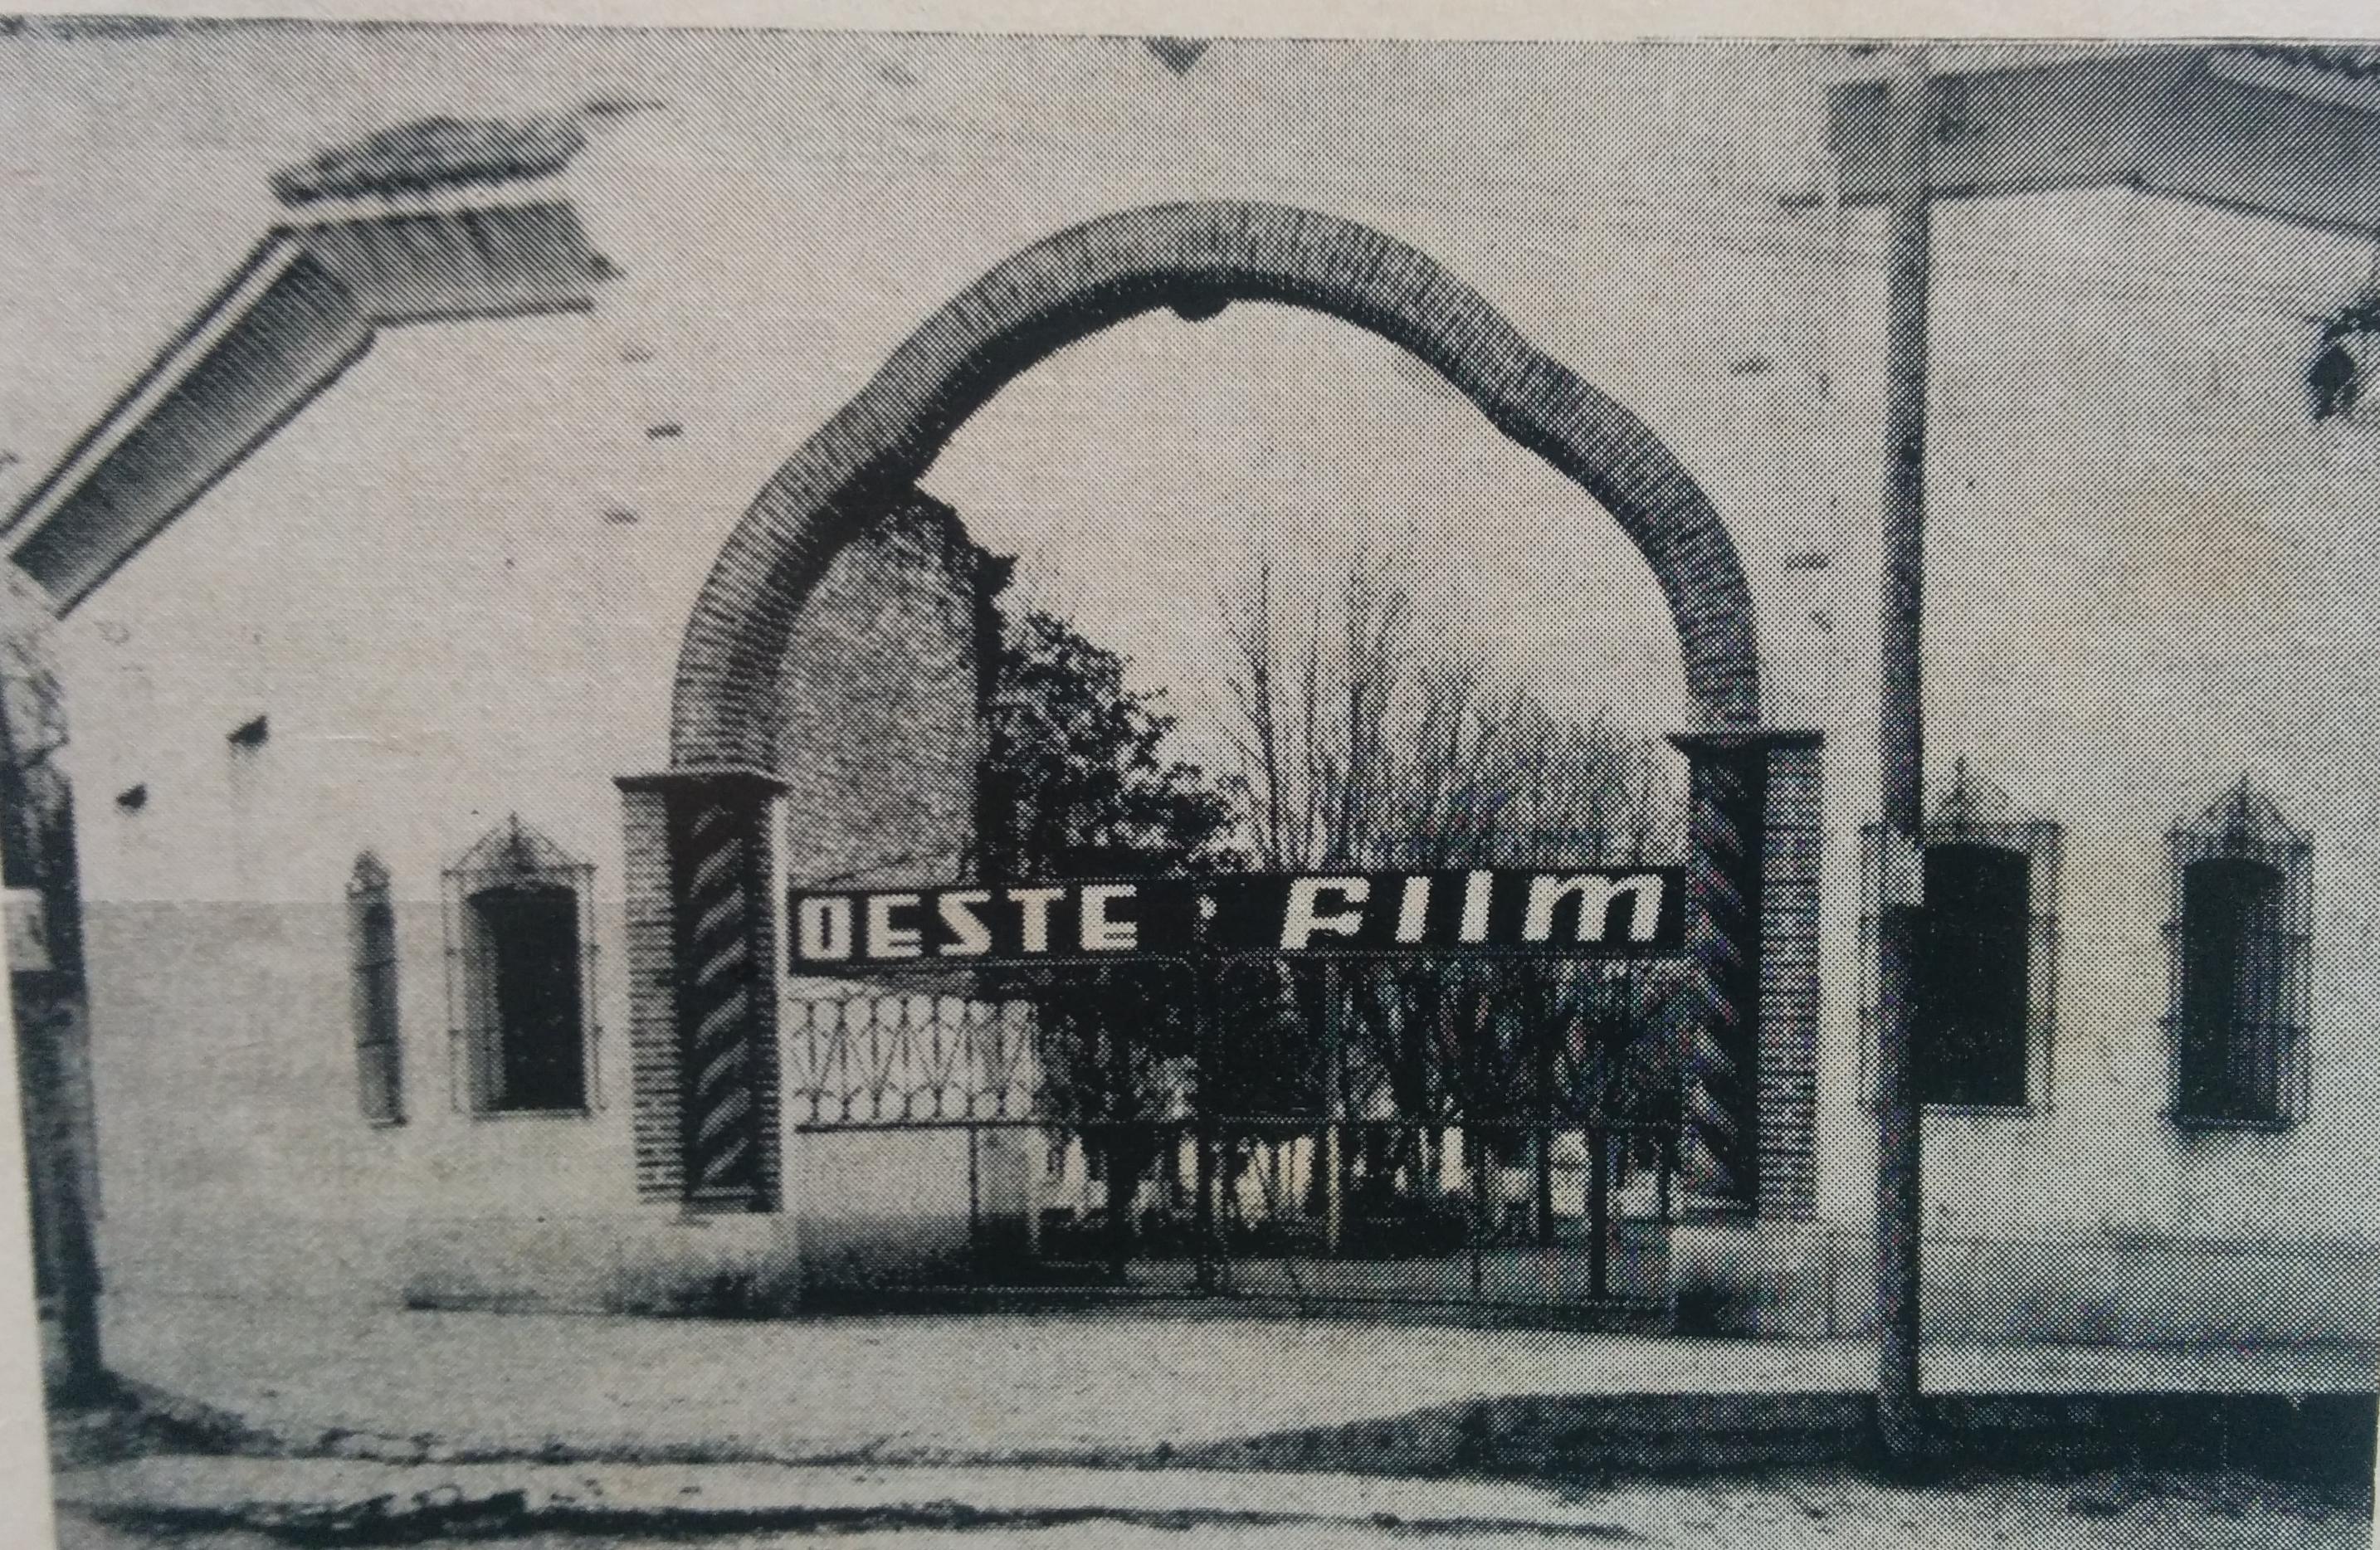 Arco de entrada, del Prado Español, cuando este era, el estudio cinematográfico de Ignacio Tankel.